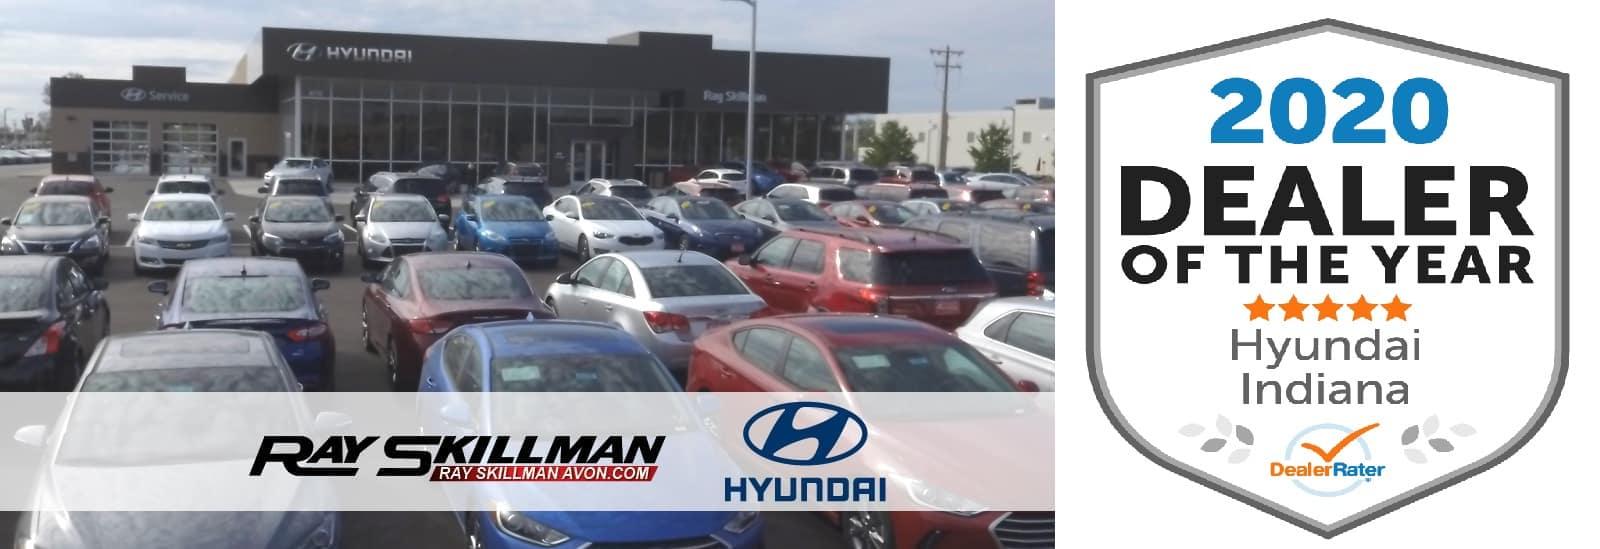 Hyundai Dealership Indianapolis >> Ray Skillman Avon Hyundai Hyundai Dealer In Avon In